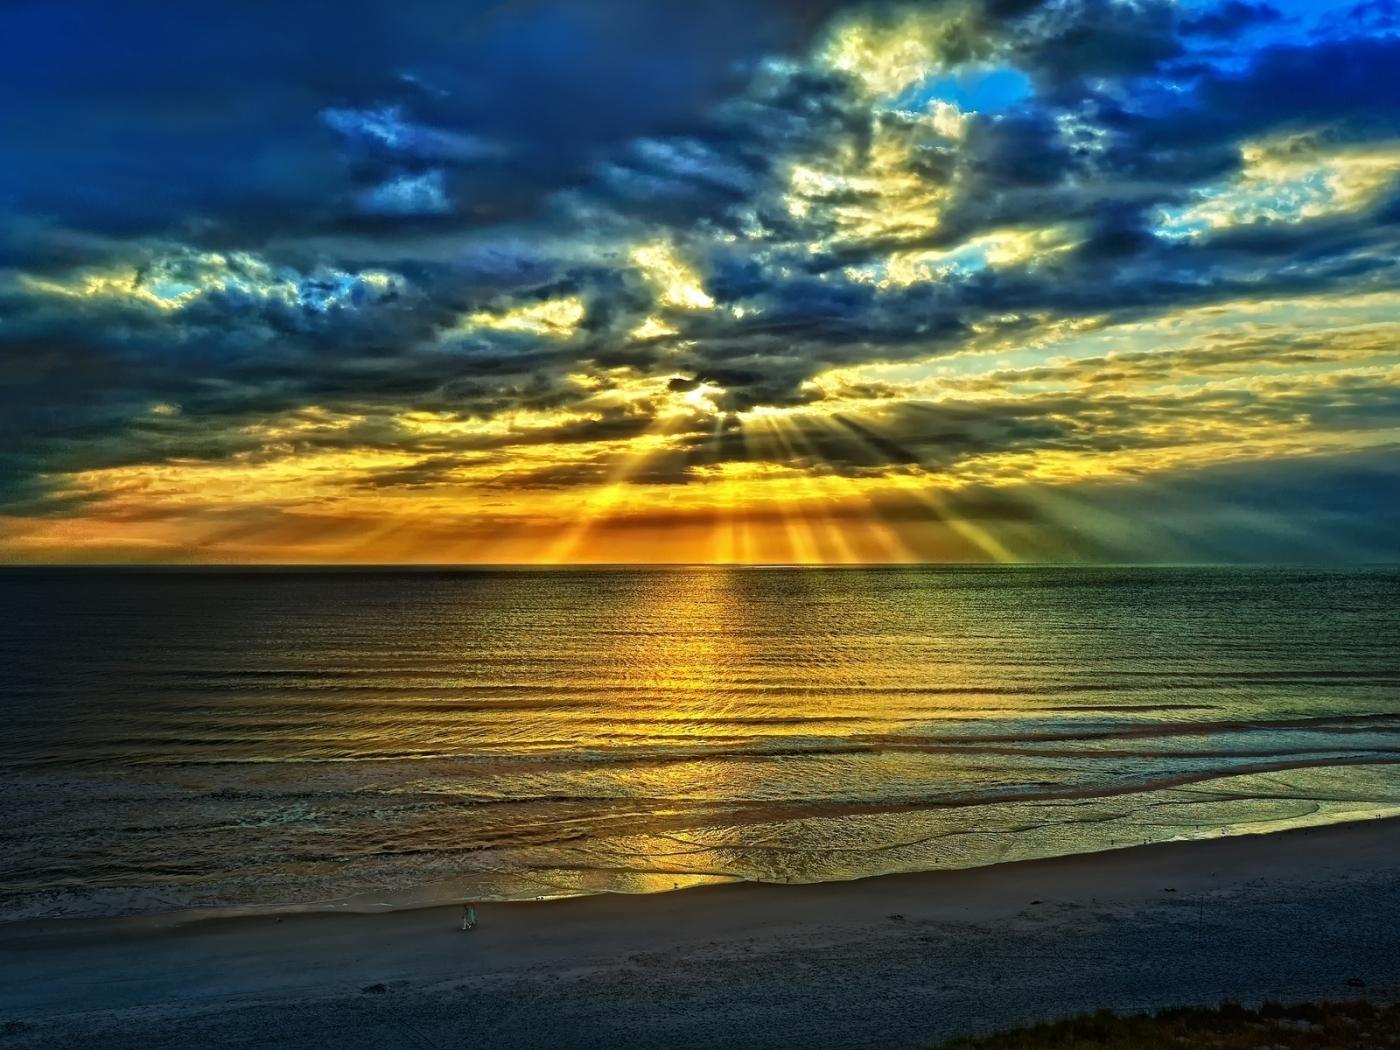 48685 Заставки и Обои Море на телефон. Скачать Море, Пейзаж, Природа, Солнце картинки бесплатно